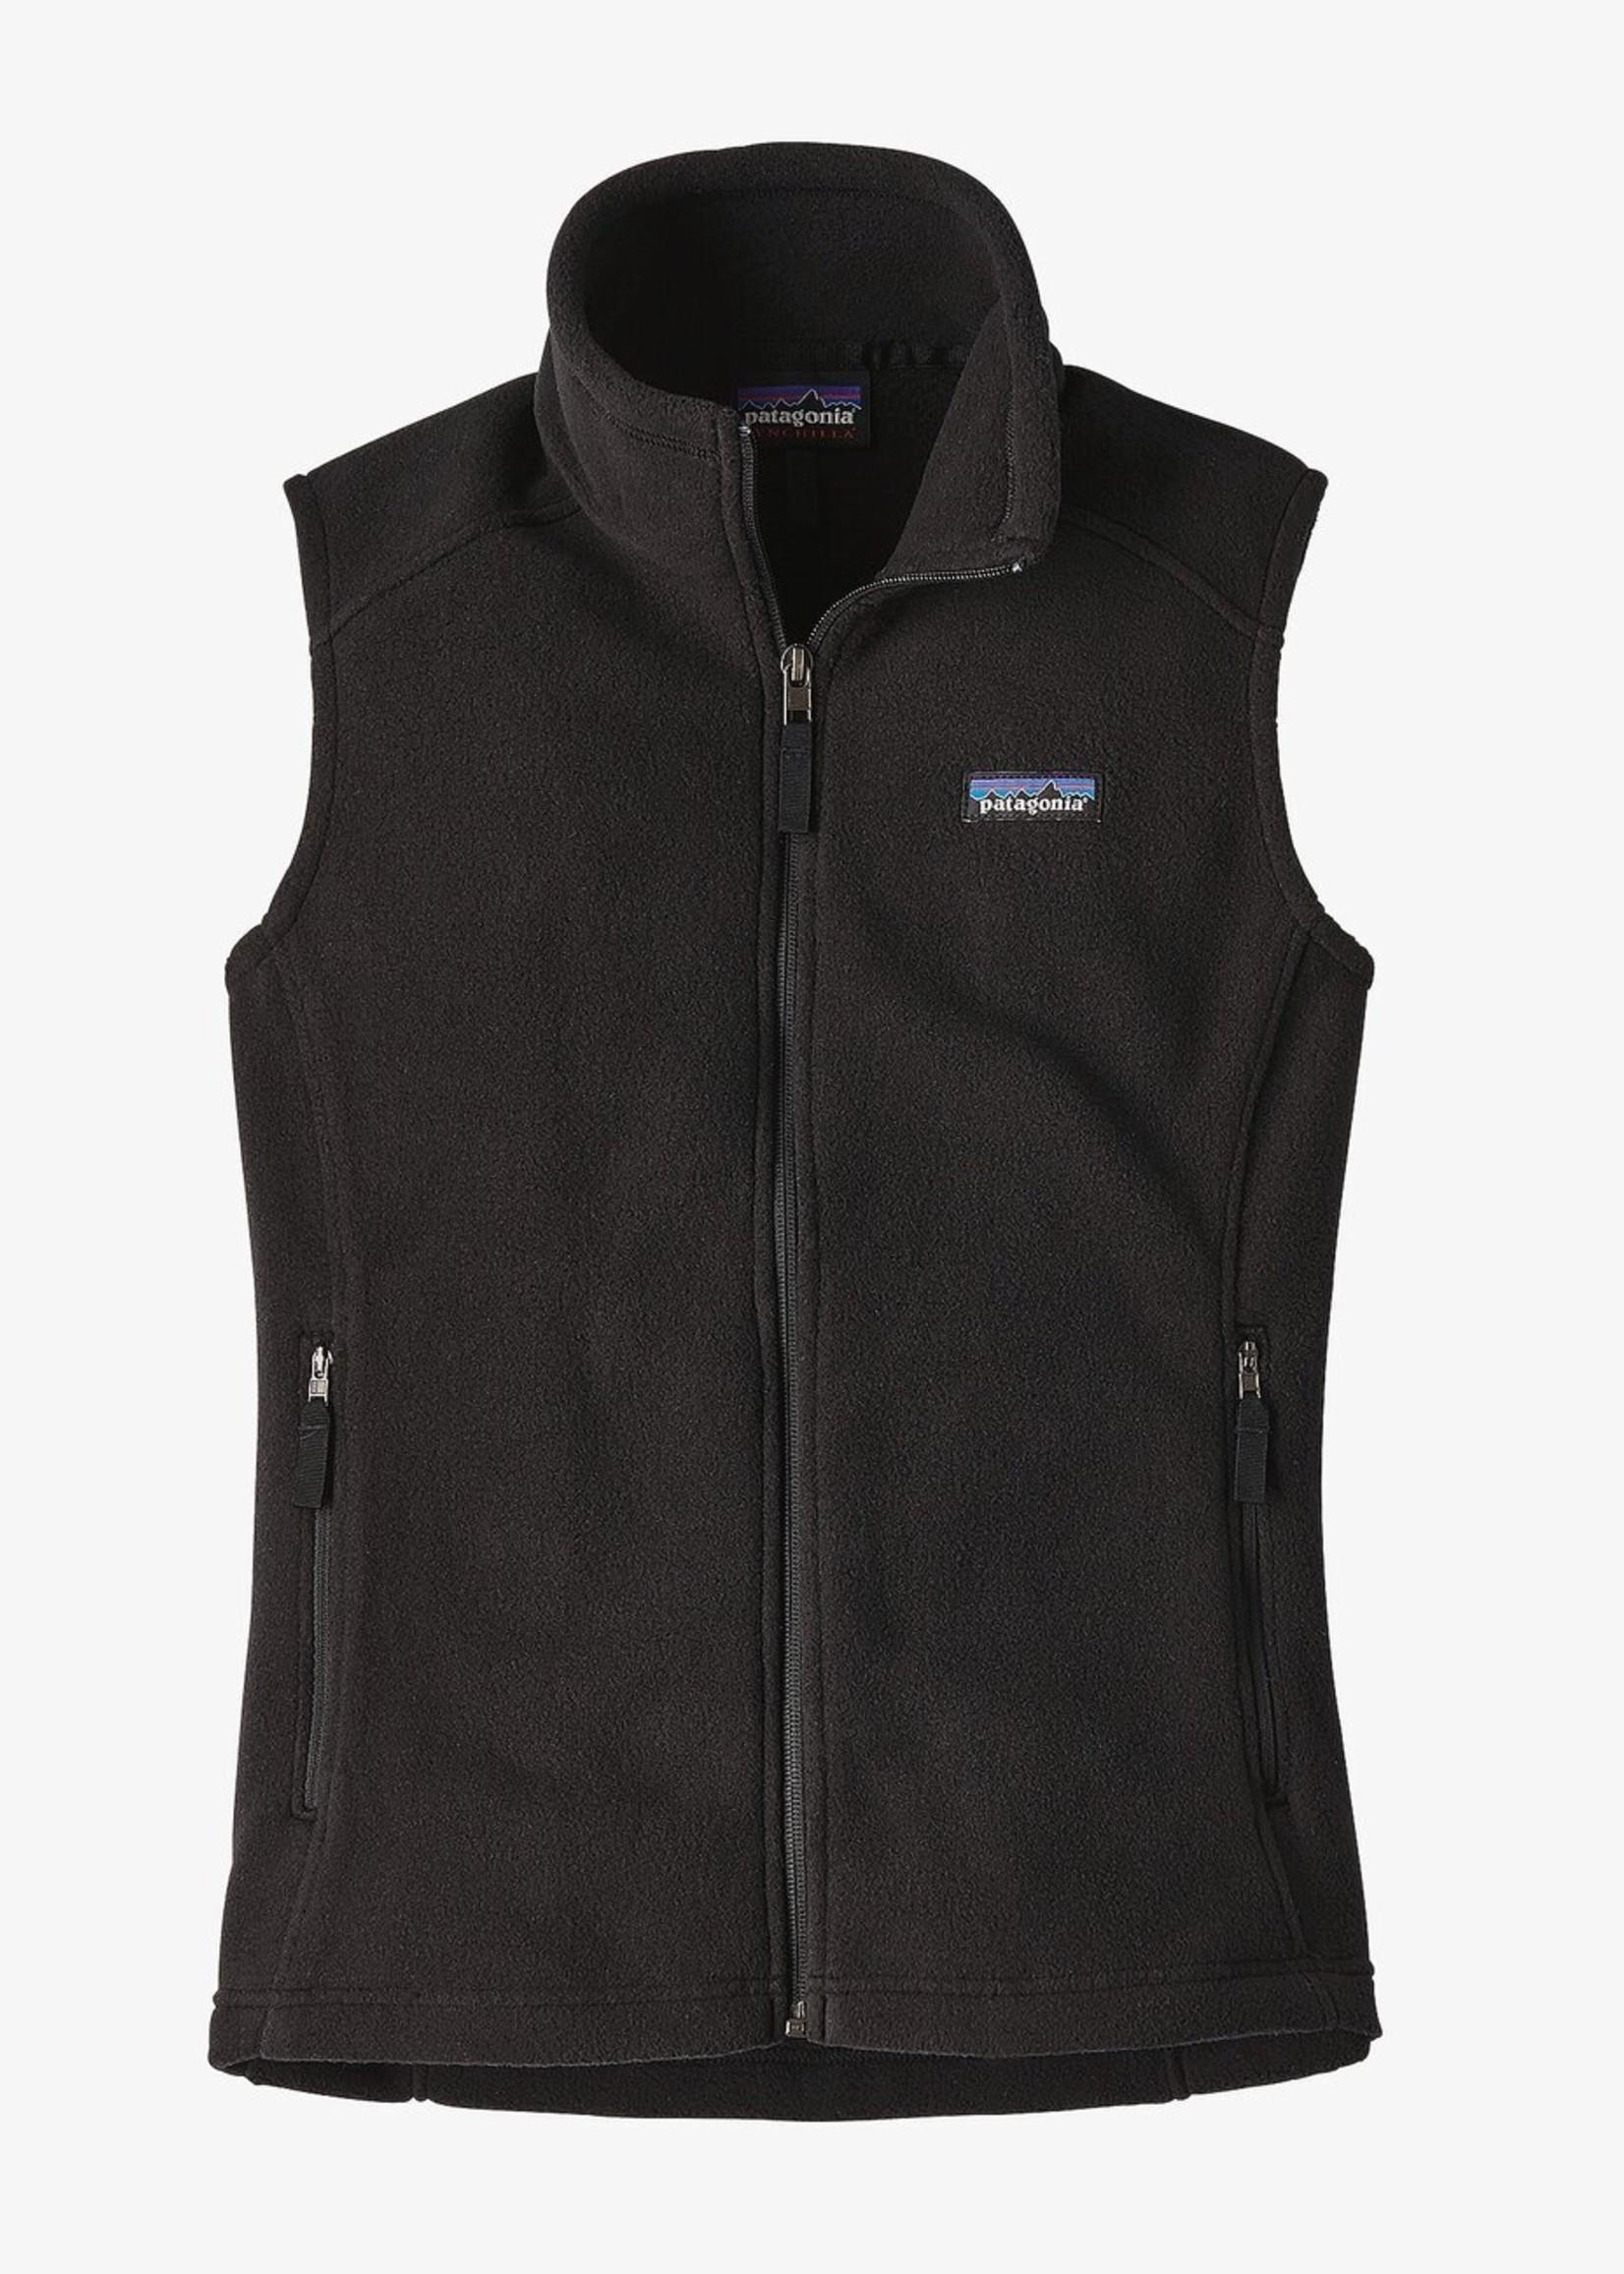 PATAGONIA W's Classic Synchilla  VEST BLACK  XL